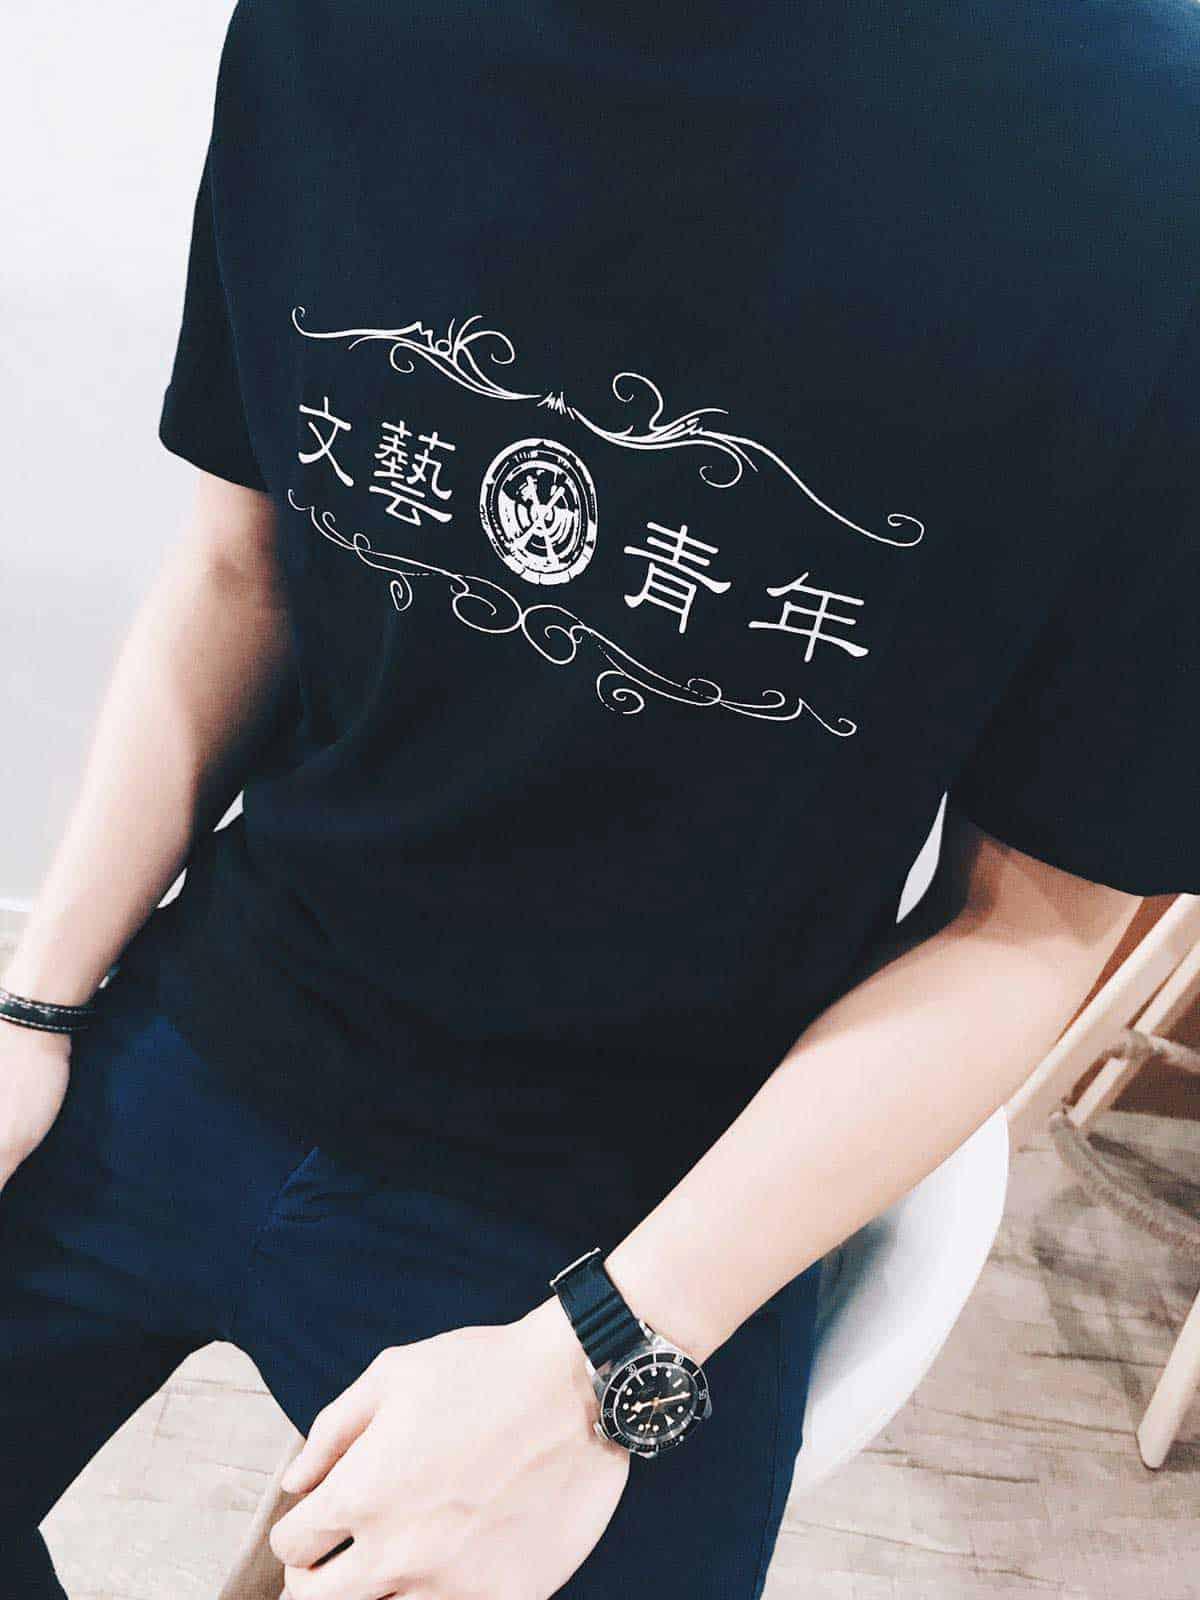 裁布製T-shirt參考圖